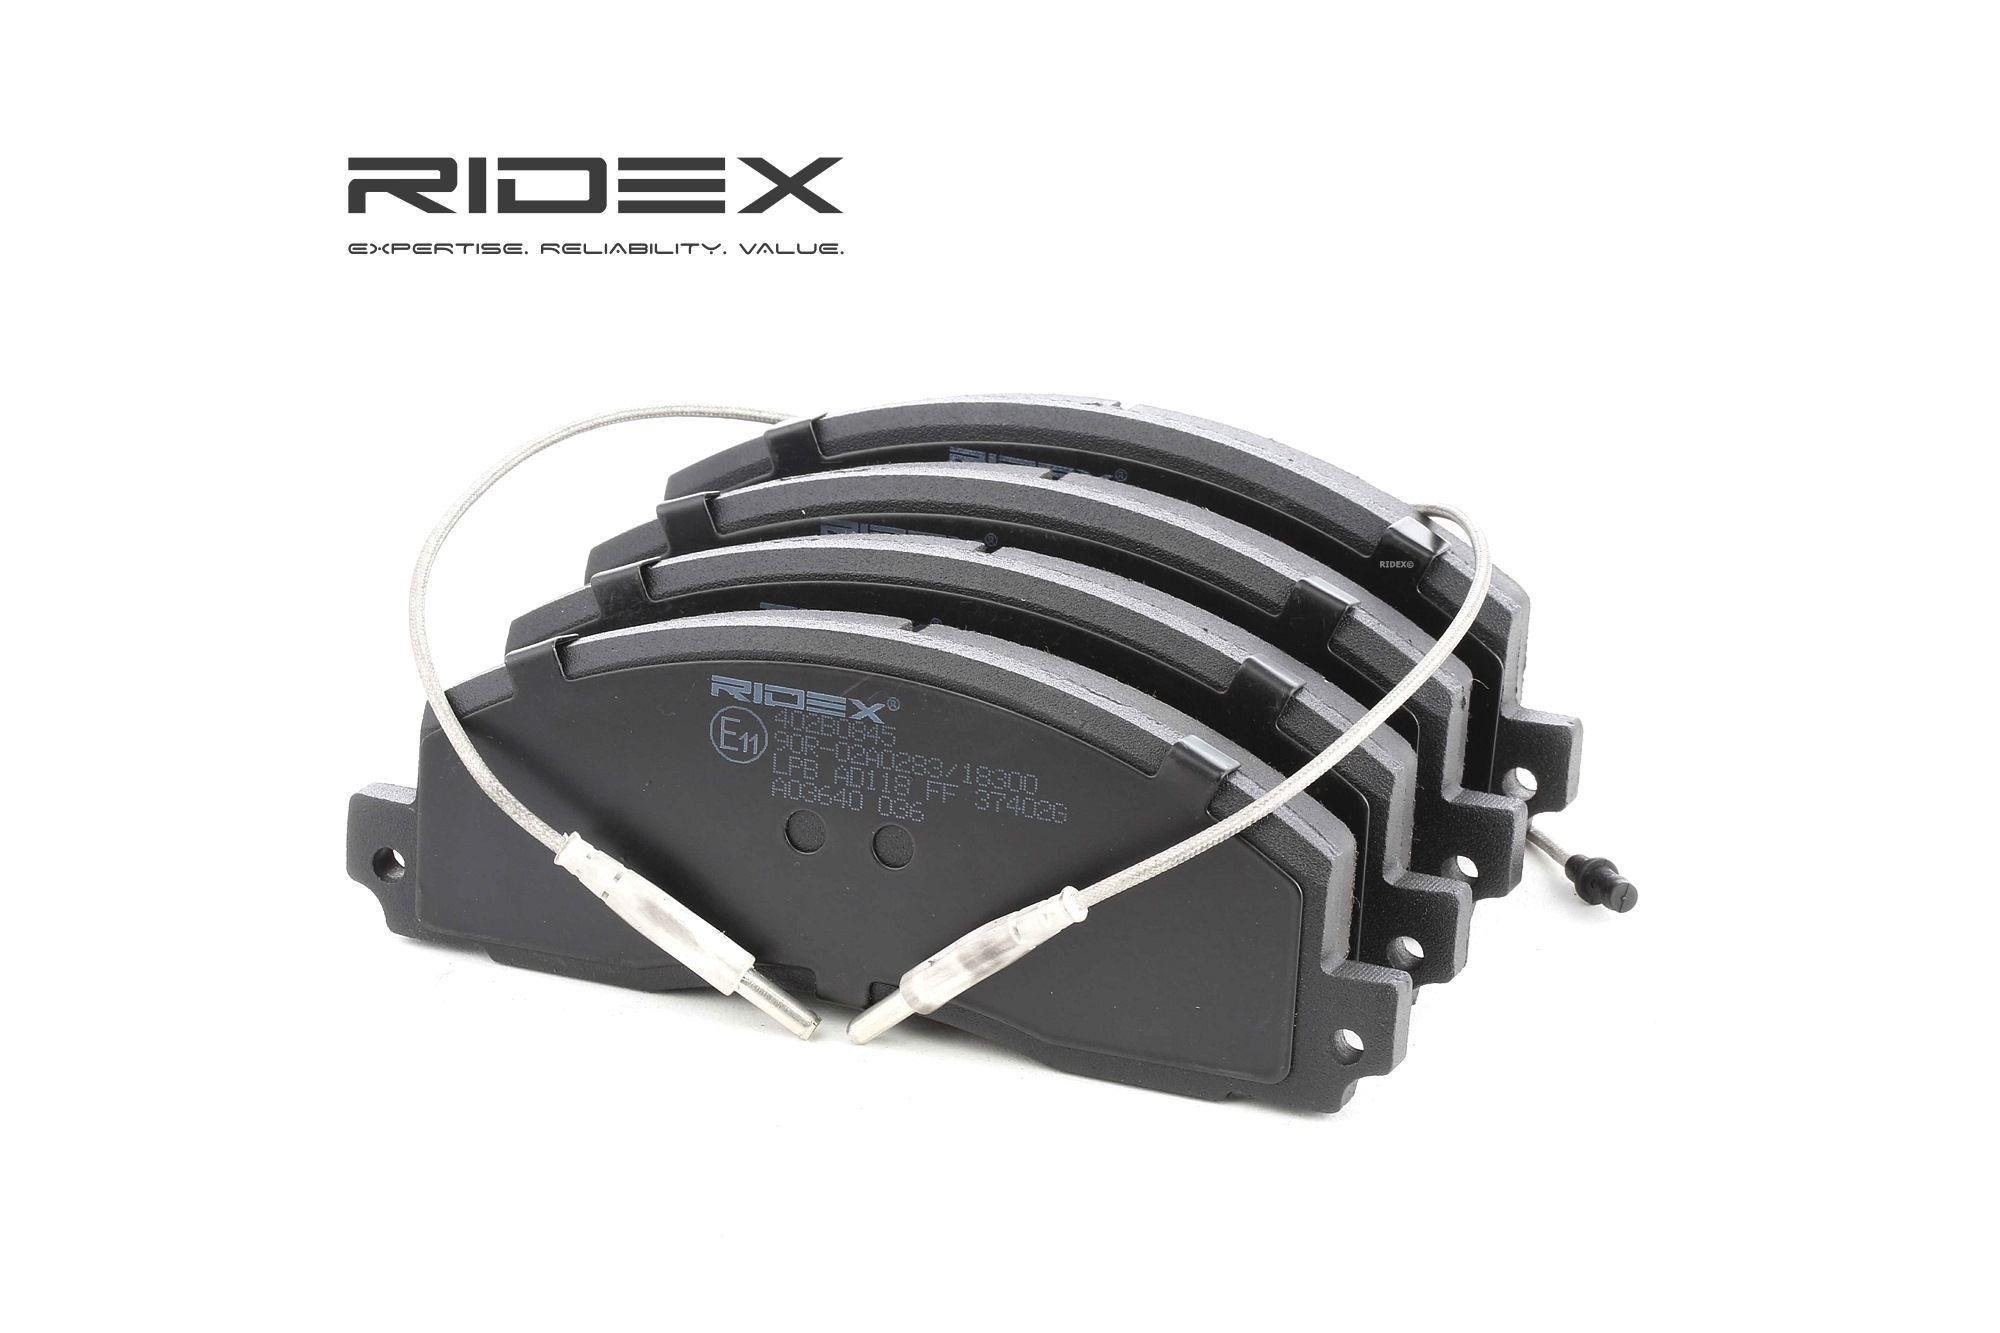 OPEL ARENA 2001 Bremsklötze - Original RIDEX 402B0845 Höhe: 56,6mm, Dicke/Stärke: 18,5mm